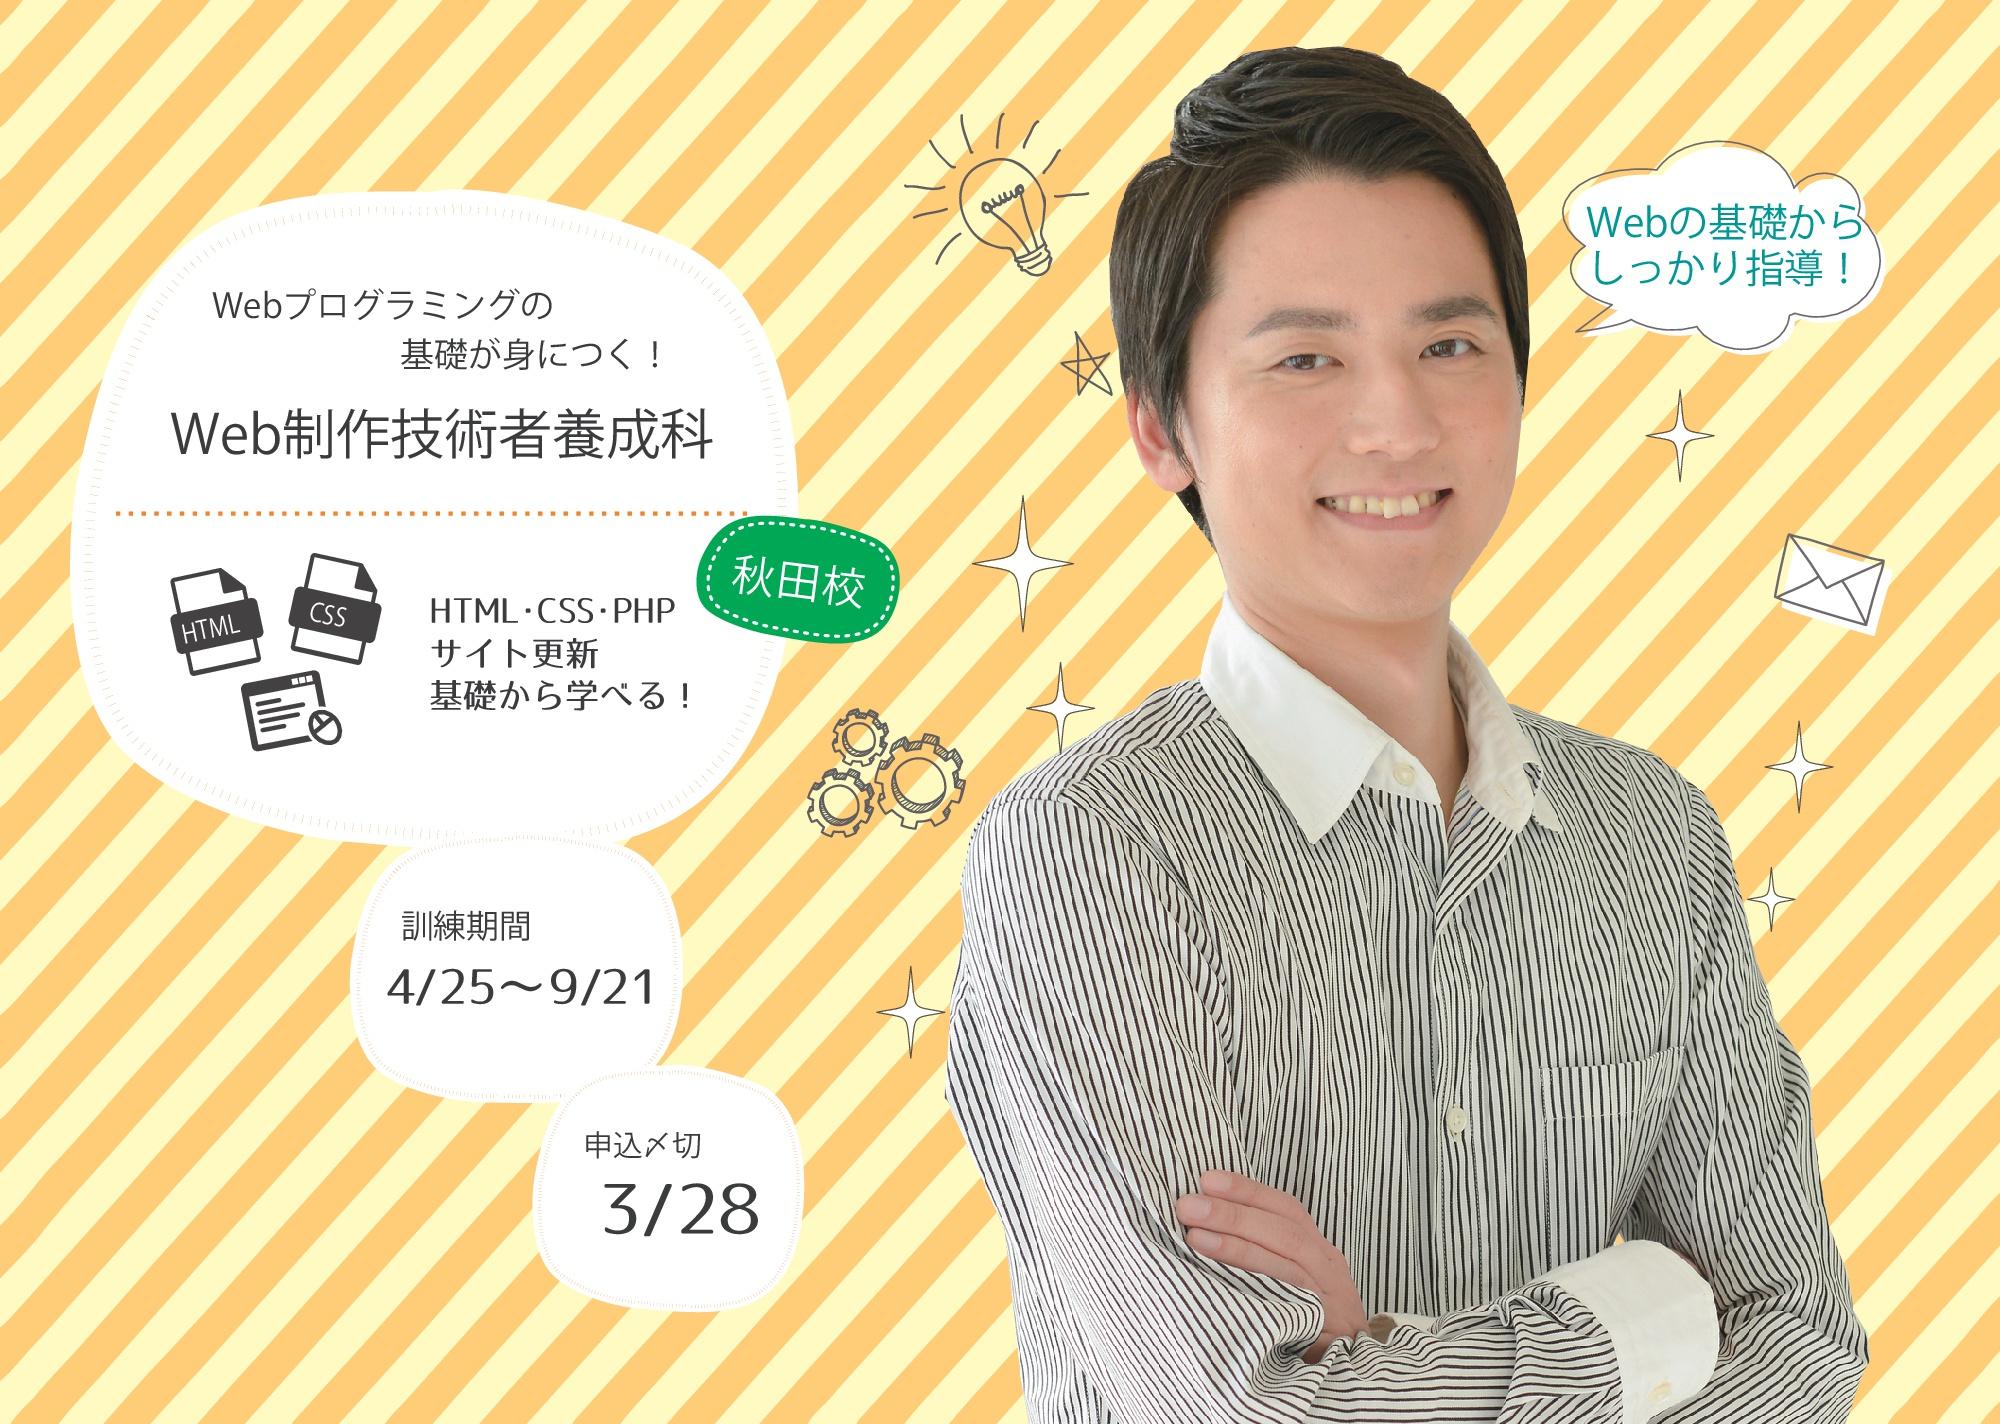 【秋田】Web制作技術者養成科